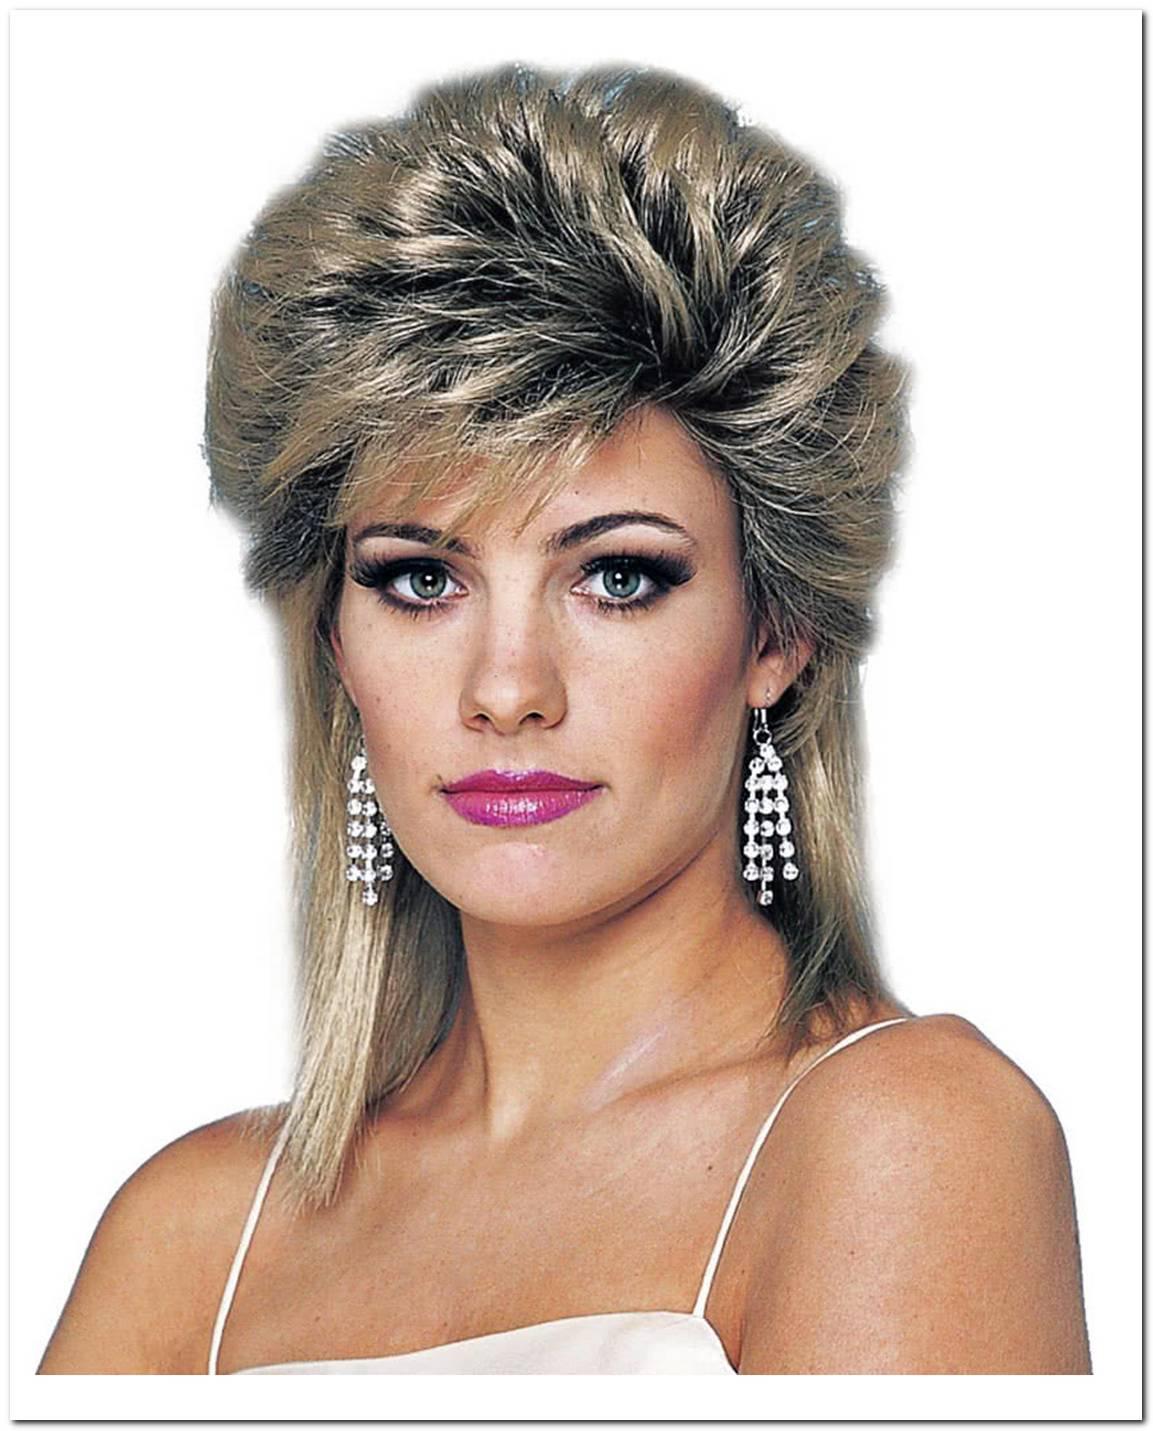 Frisuren Der 80er Jahre Frauen